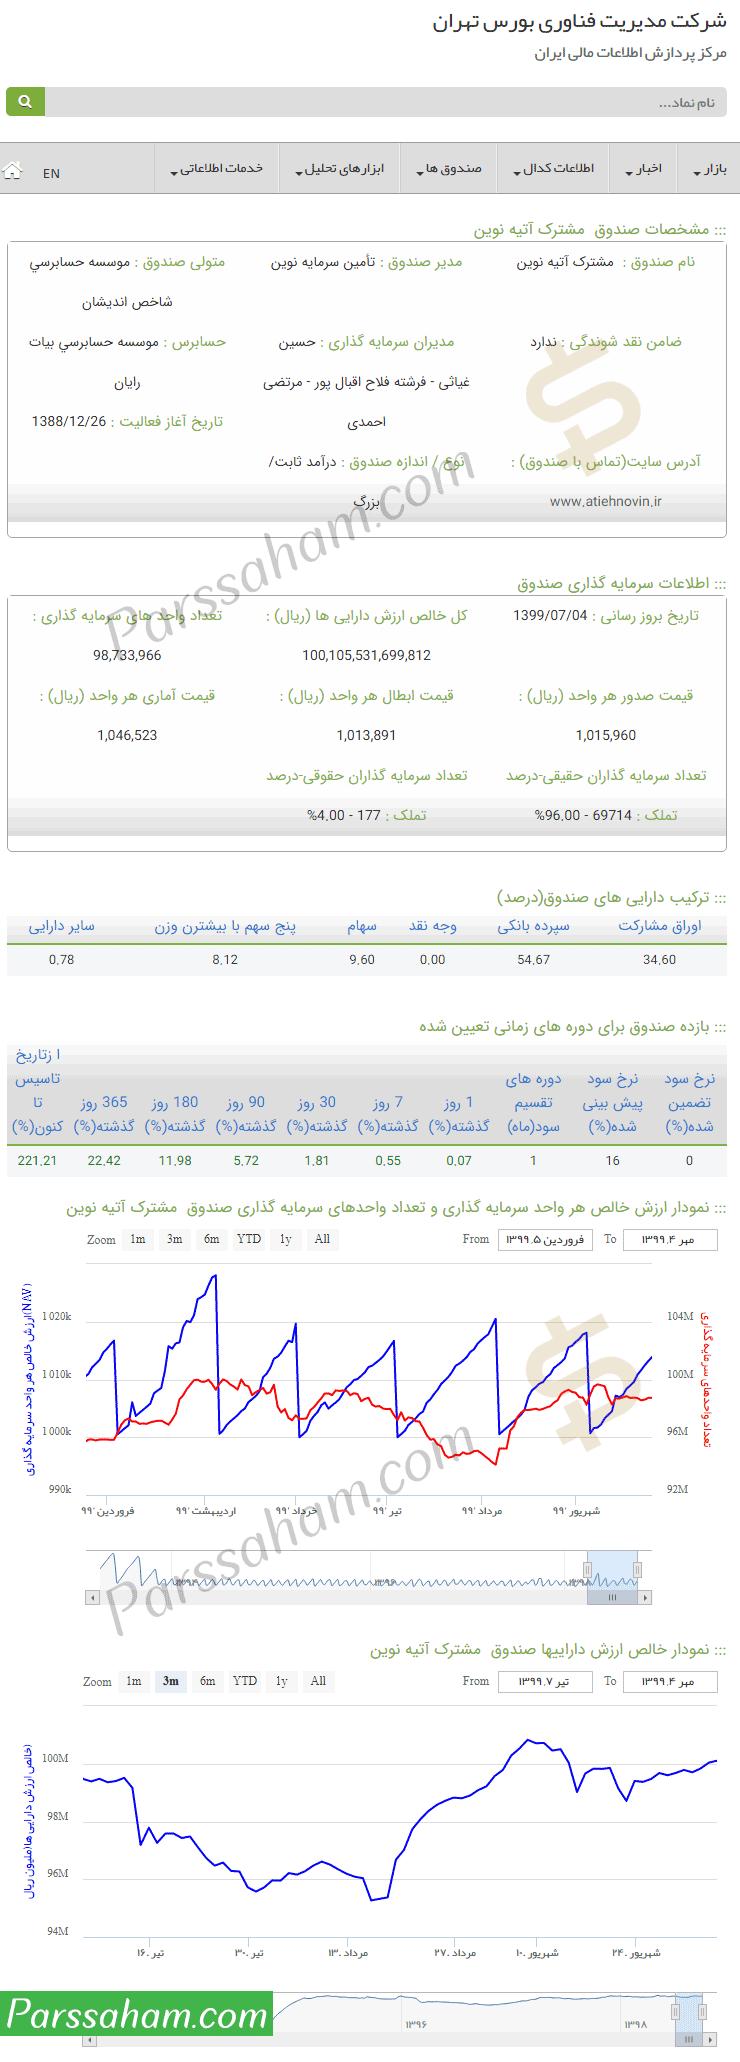 مشاهده اطلاعات صندوق سرمایه گذاری در سایت fipiran